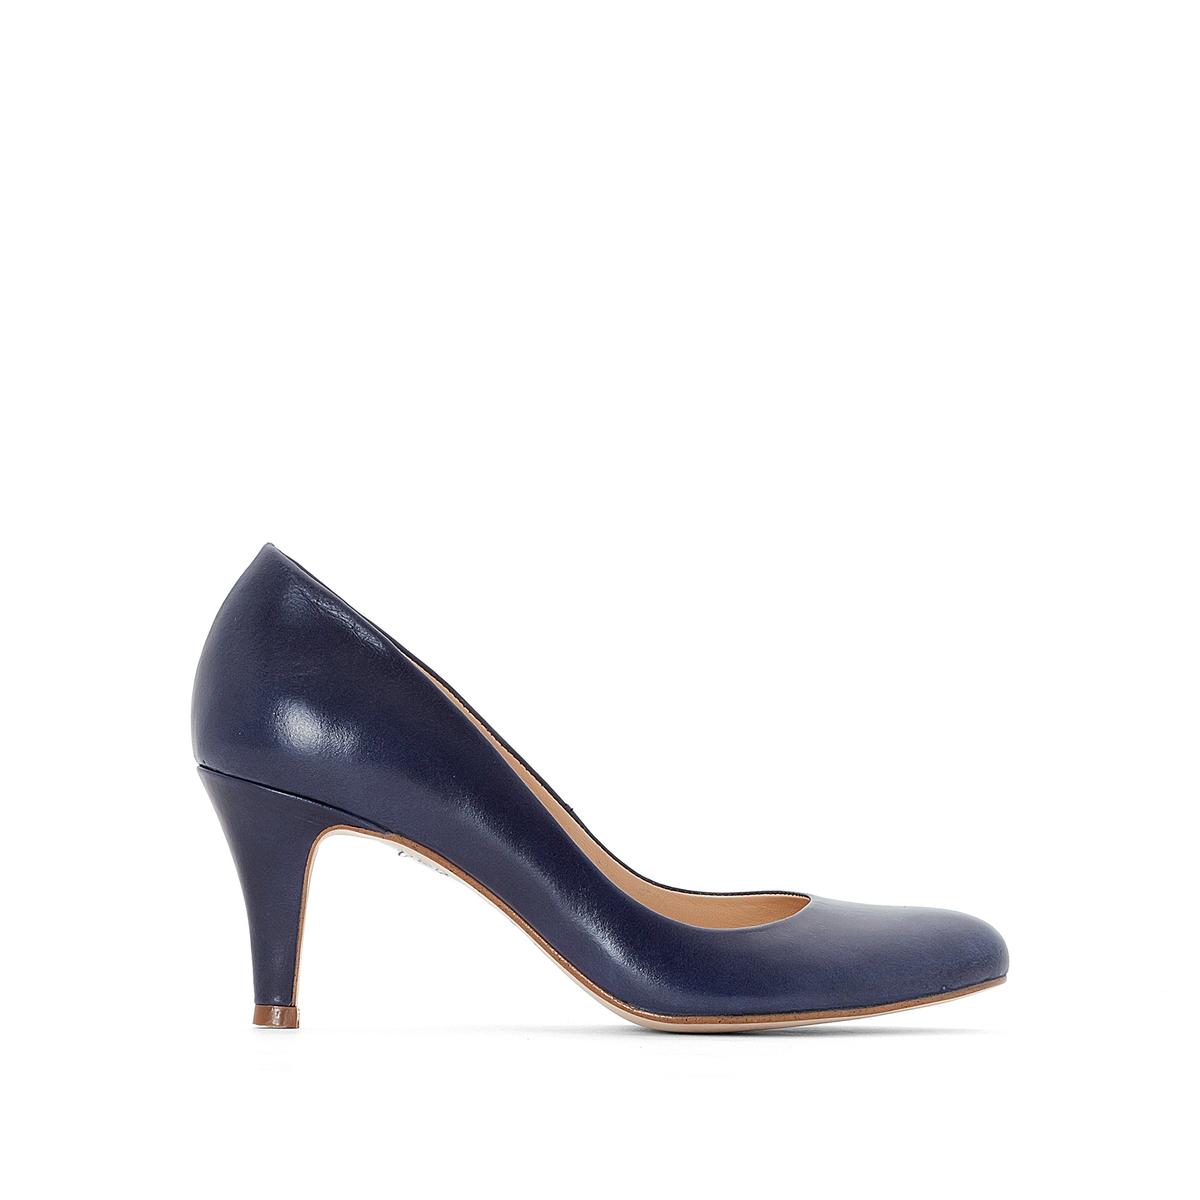 Туфли кожаные 10705Верх : Кожа   Подкладка : Кожа   Стелька : Кожа   Подошва : эластомер   Высота каблука : 5 см   Форма каблука : тонкий каблук   Мысок : закругленный   Застежка : без застежки<br><br>Цвет: синий морской<br>Размер: 41